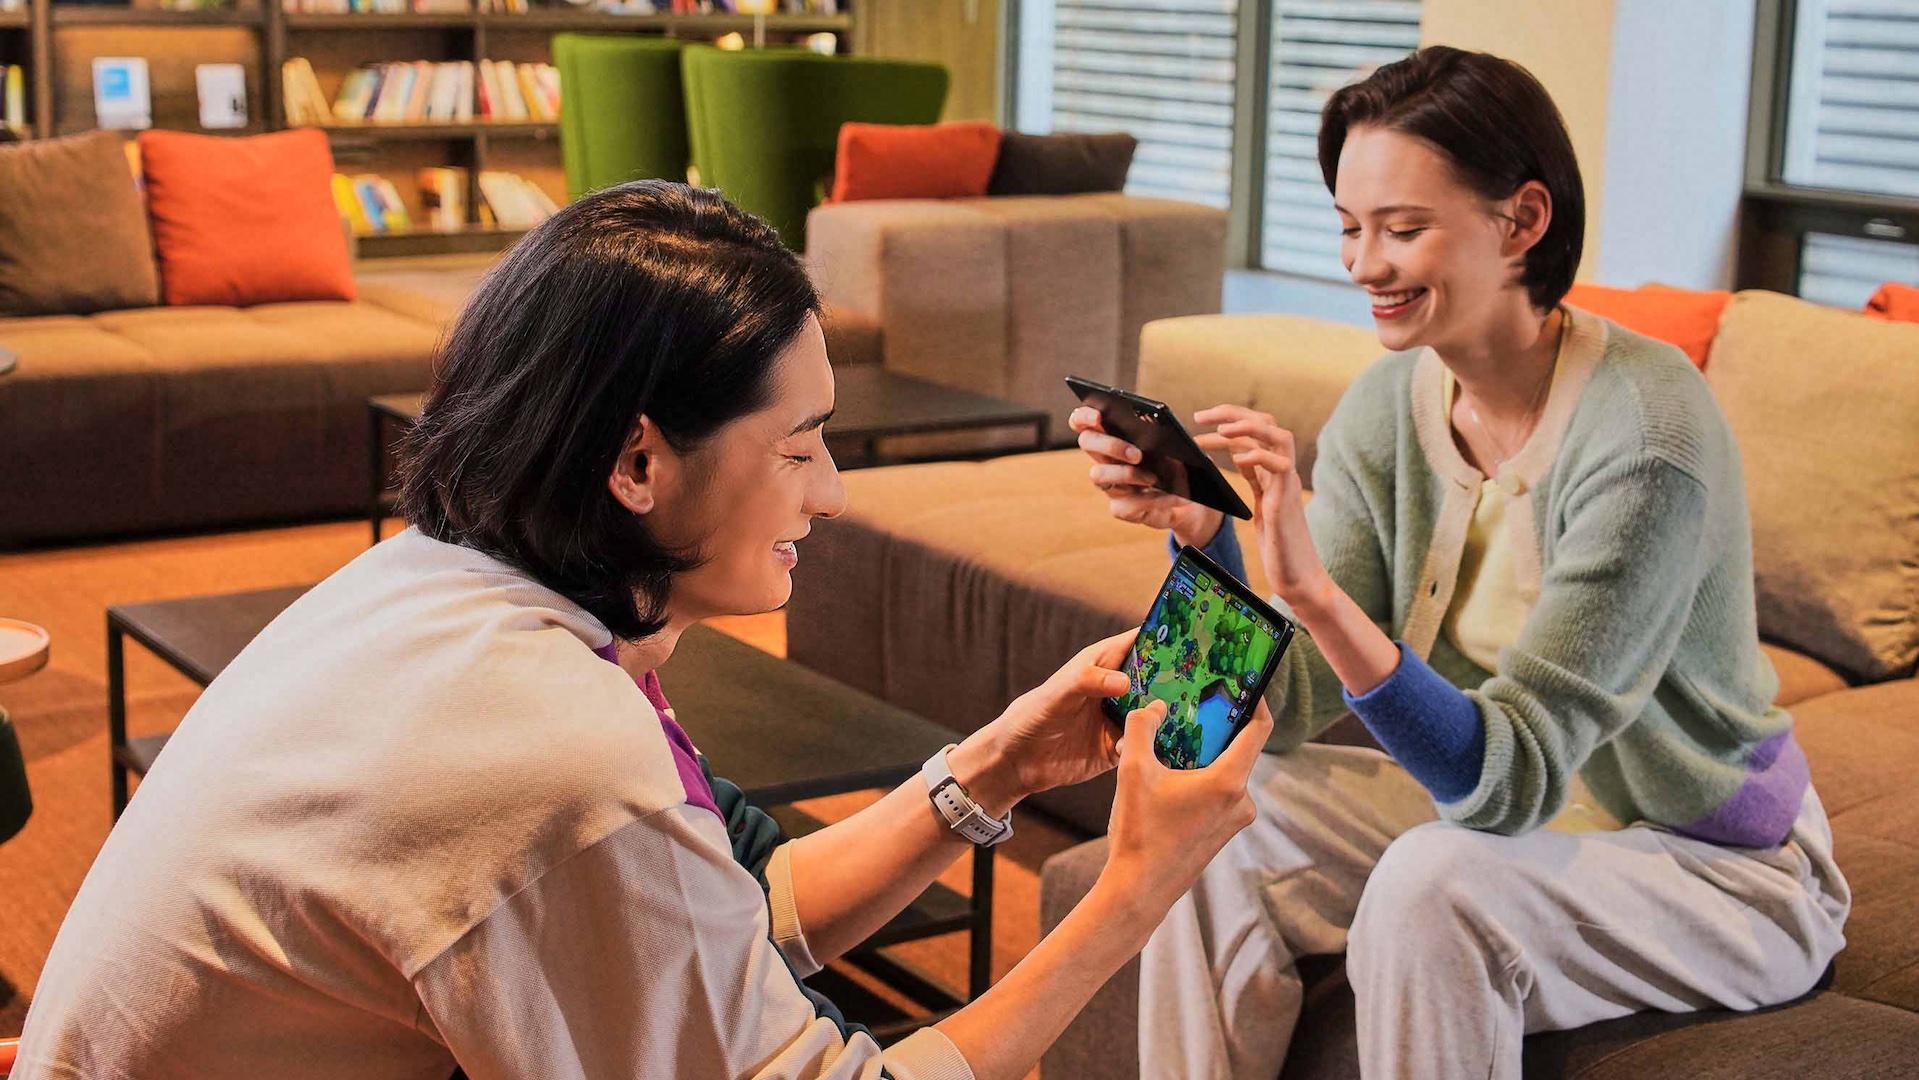 Samsungs bästa bud på framtidens mobil